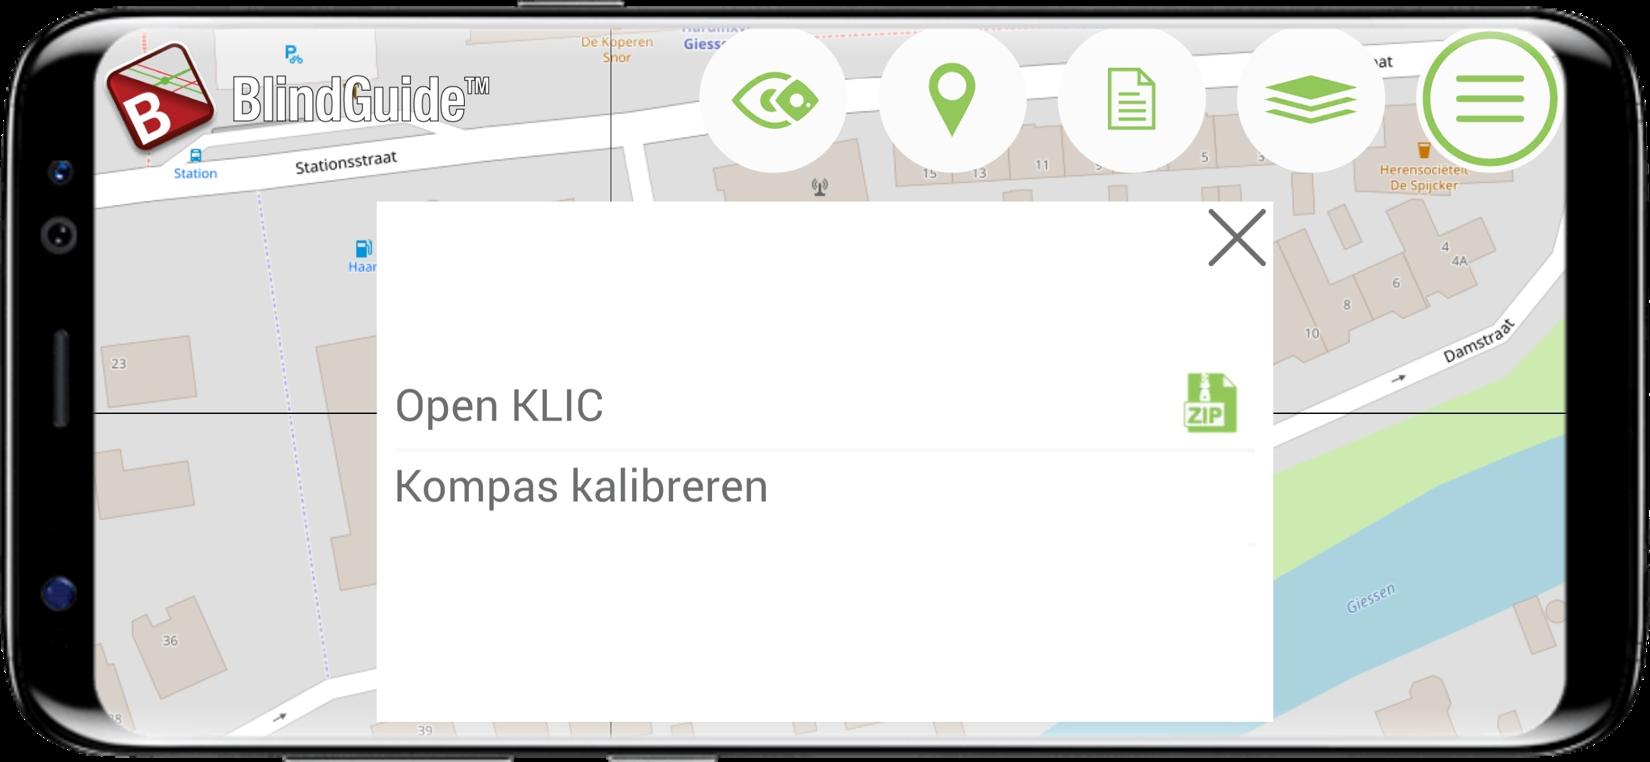 Open KLIC in BlindGuide KLIC app